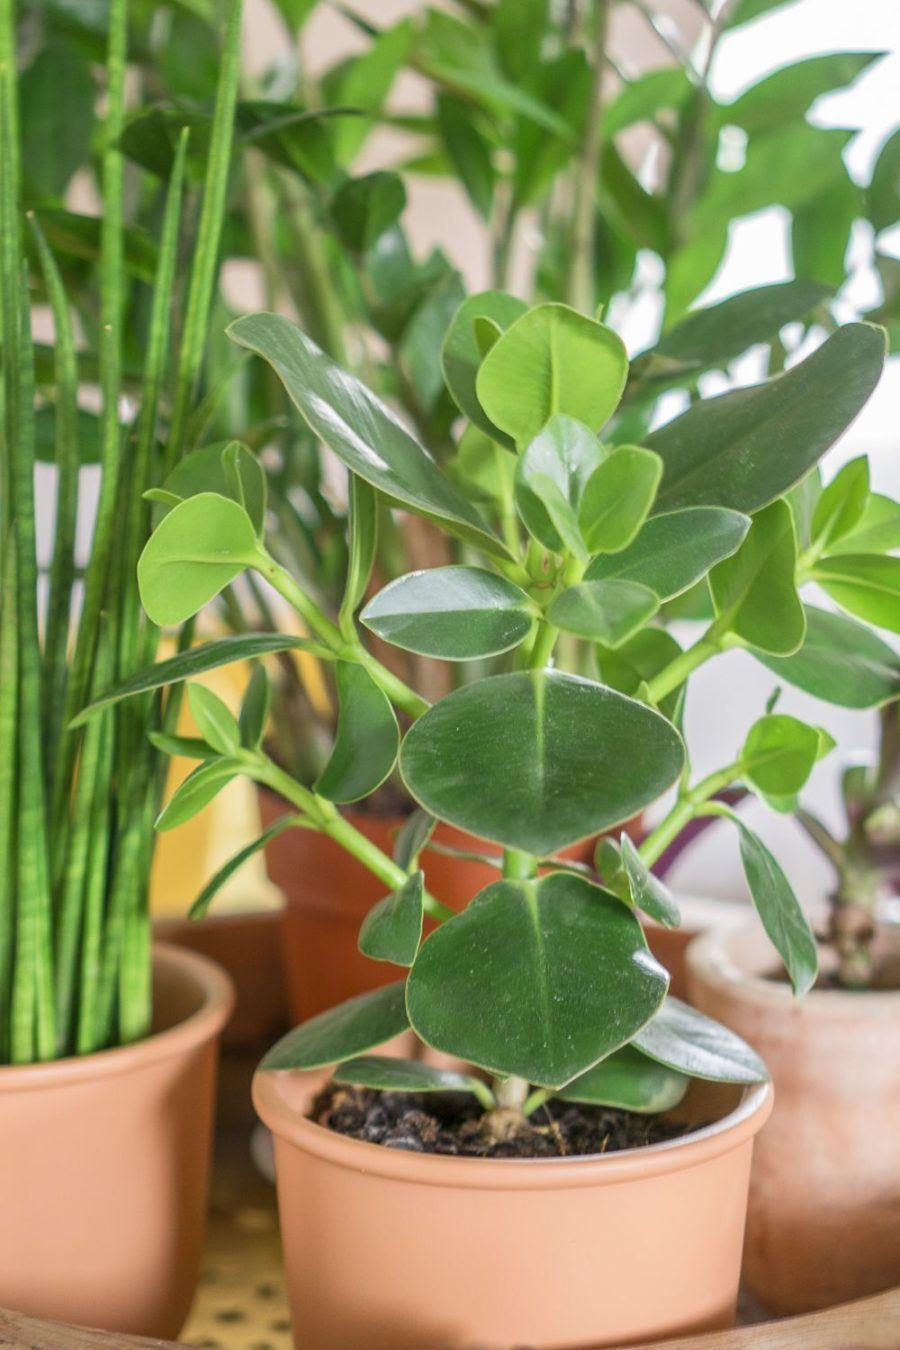 Rosliny Dla Leniwych Czyli Kwiaty Ktore Trudno Usmiercic Polenka House Plants Plants Garden